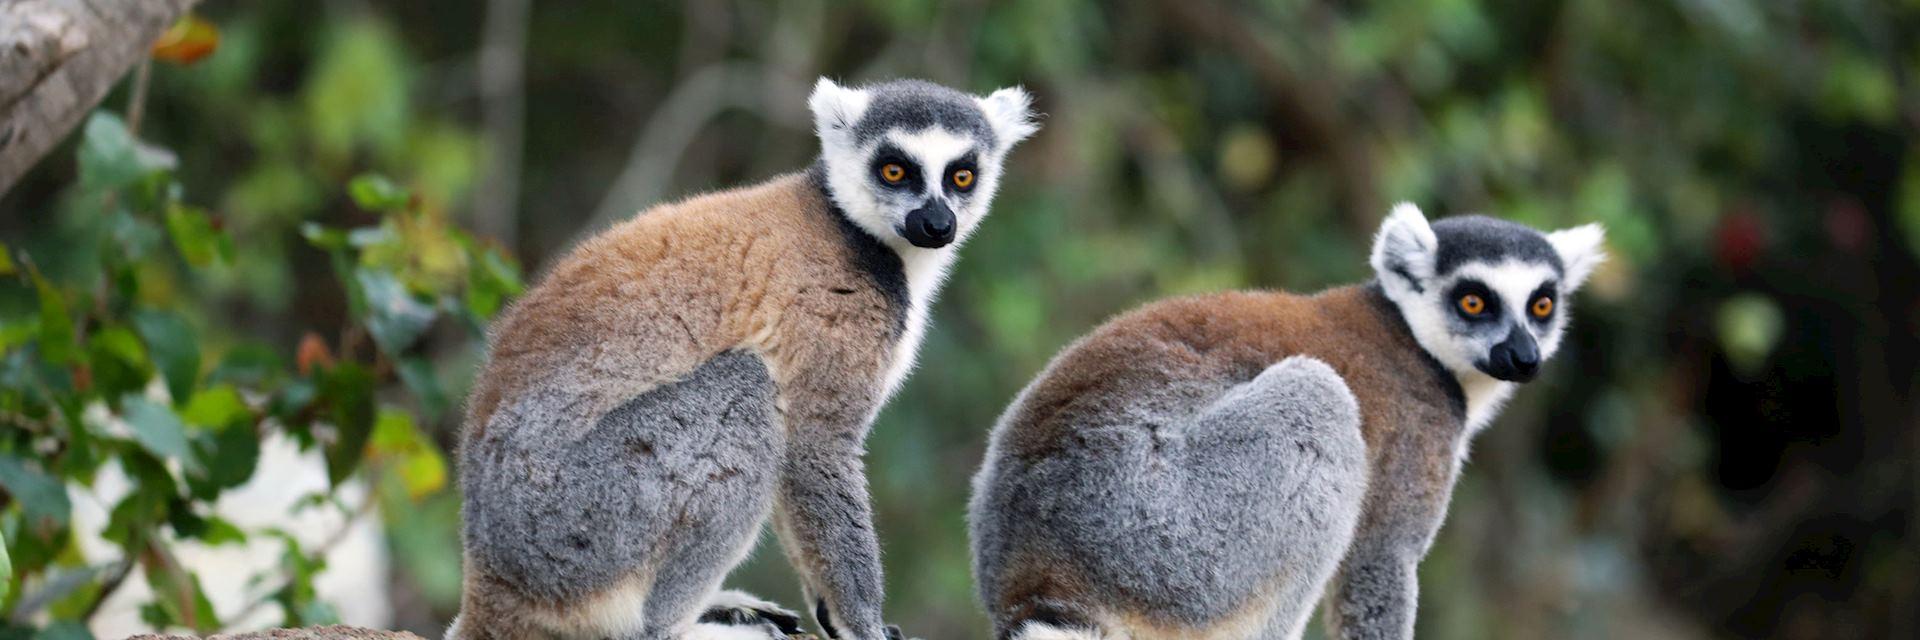 Ring-tailed lemur, Isalo National Park, Madagascar